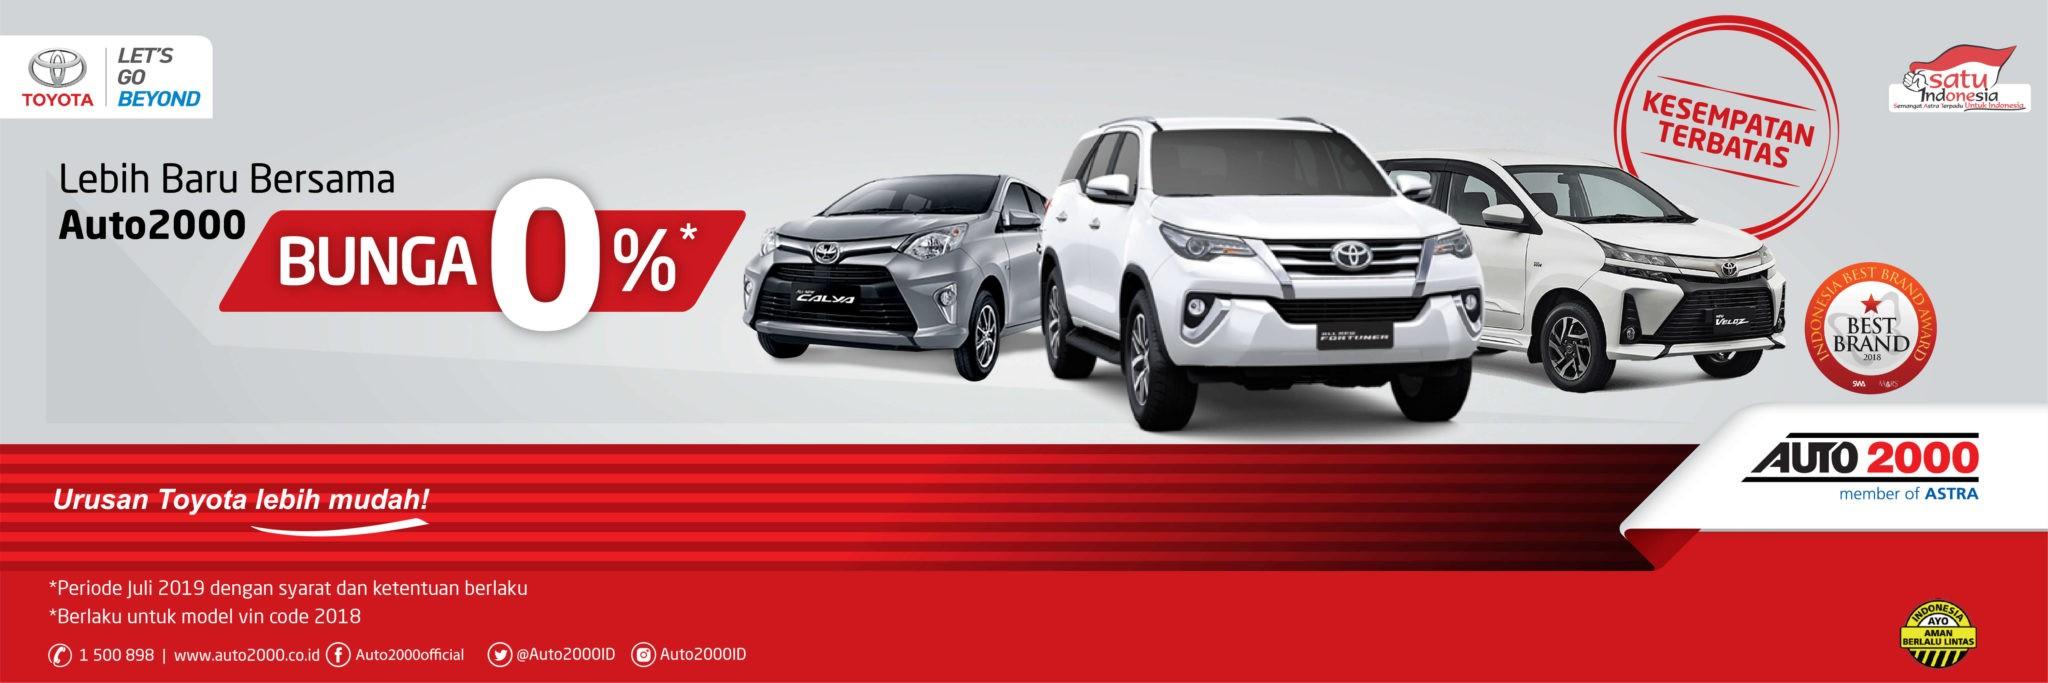 Kredit Mobil Baru Toyota Bunga 0 Persen